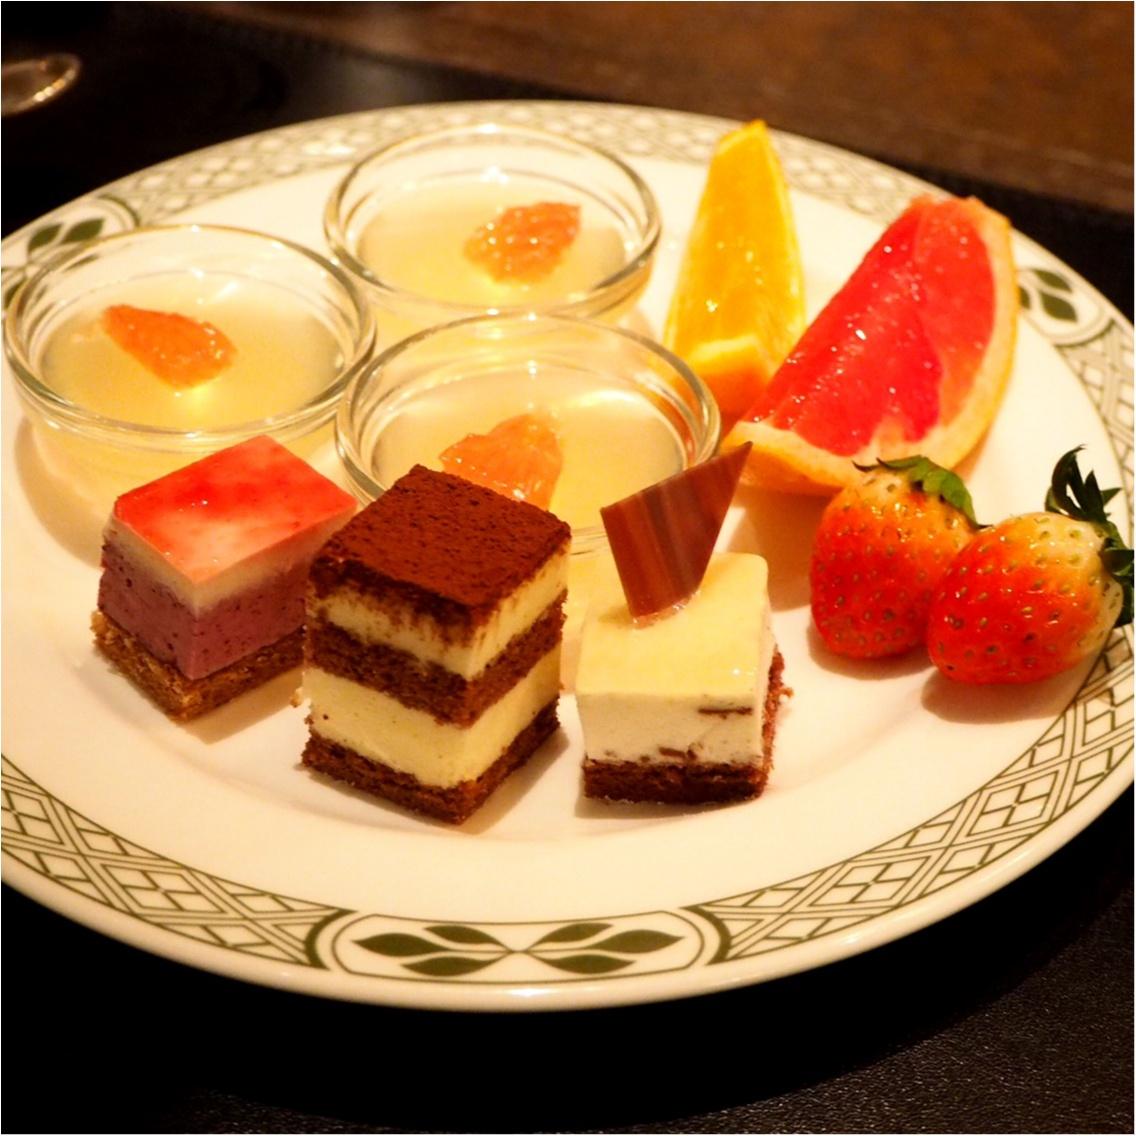 お肉大好き♡野菜大好き♡恵比寿ガーデンプレイスで素敵なランチ時間を過ごしました♪_10